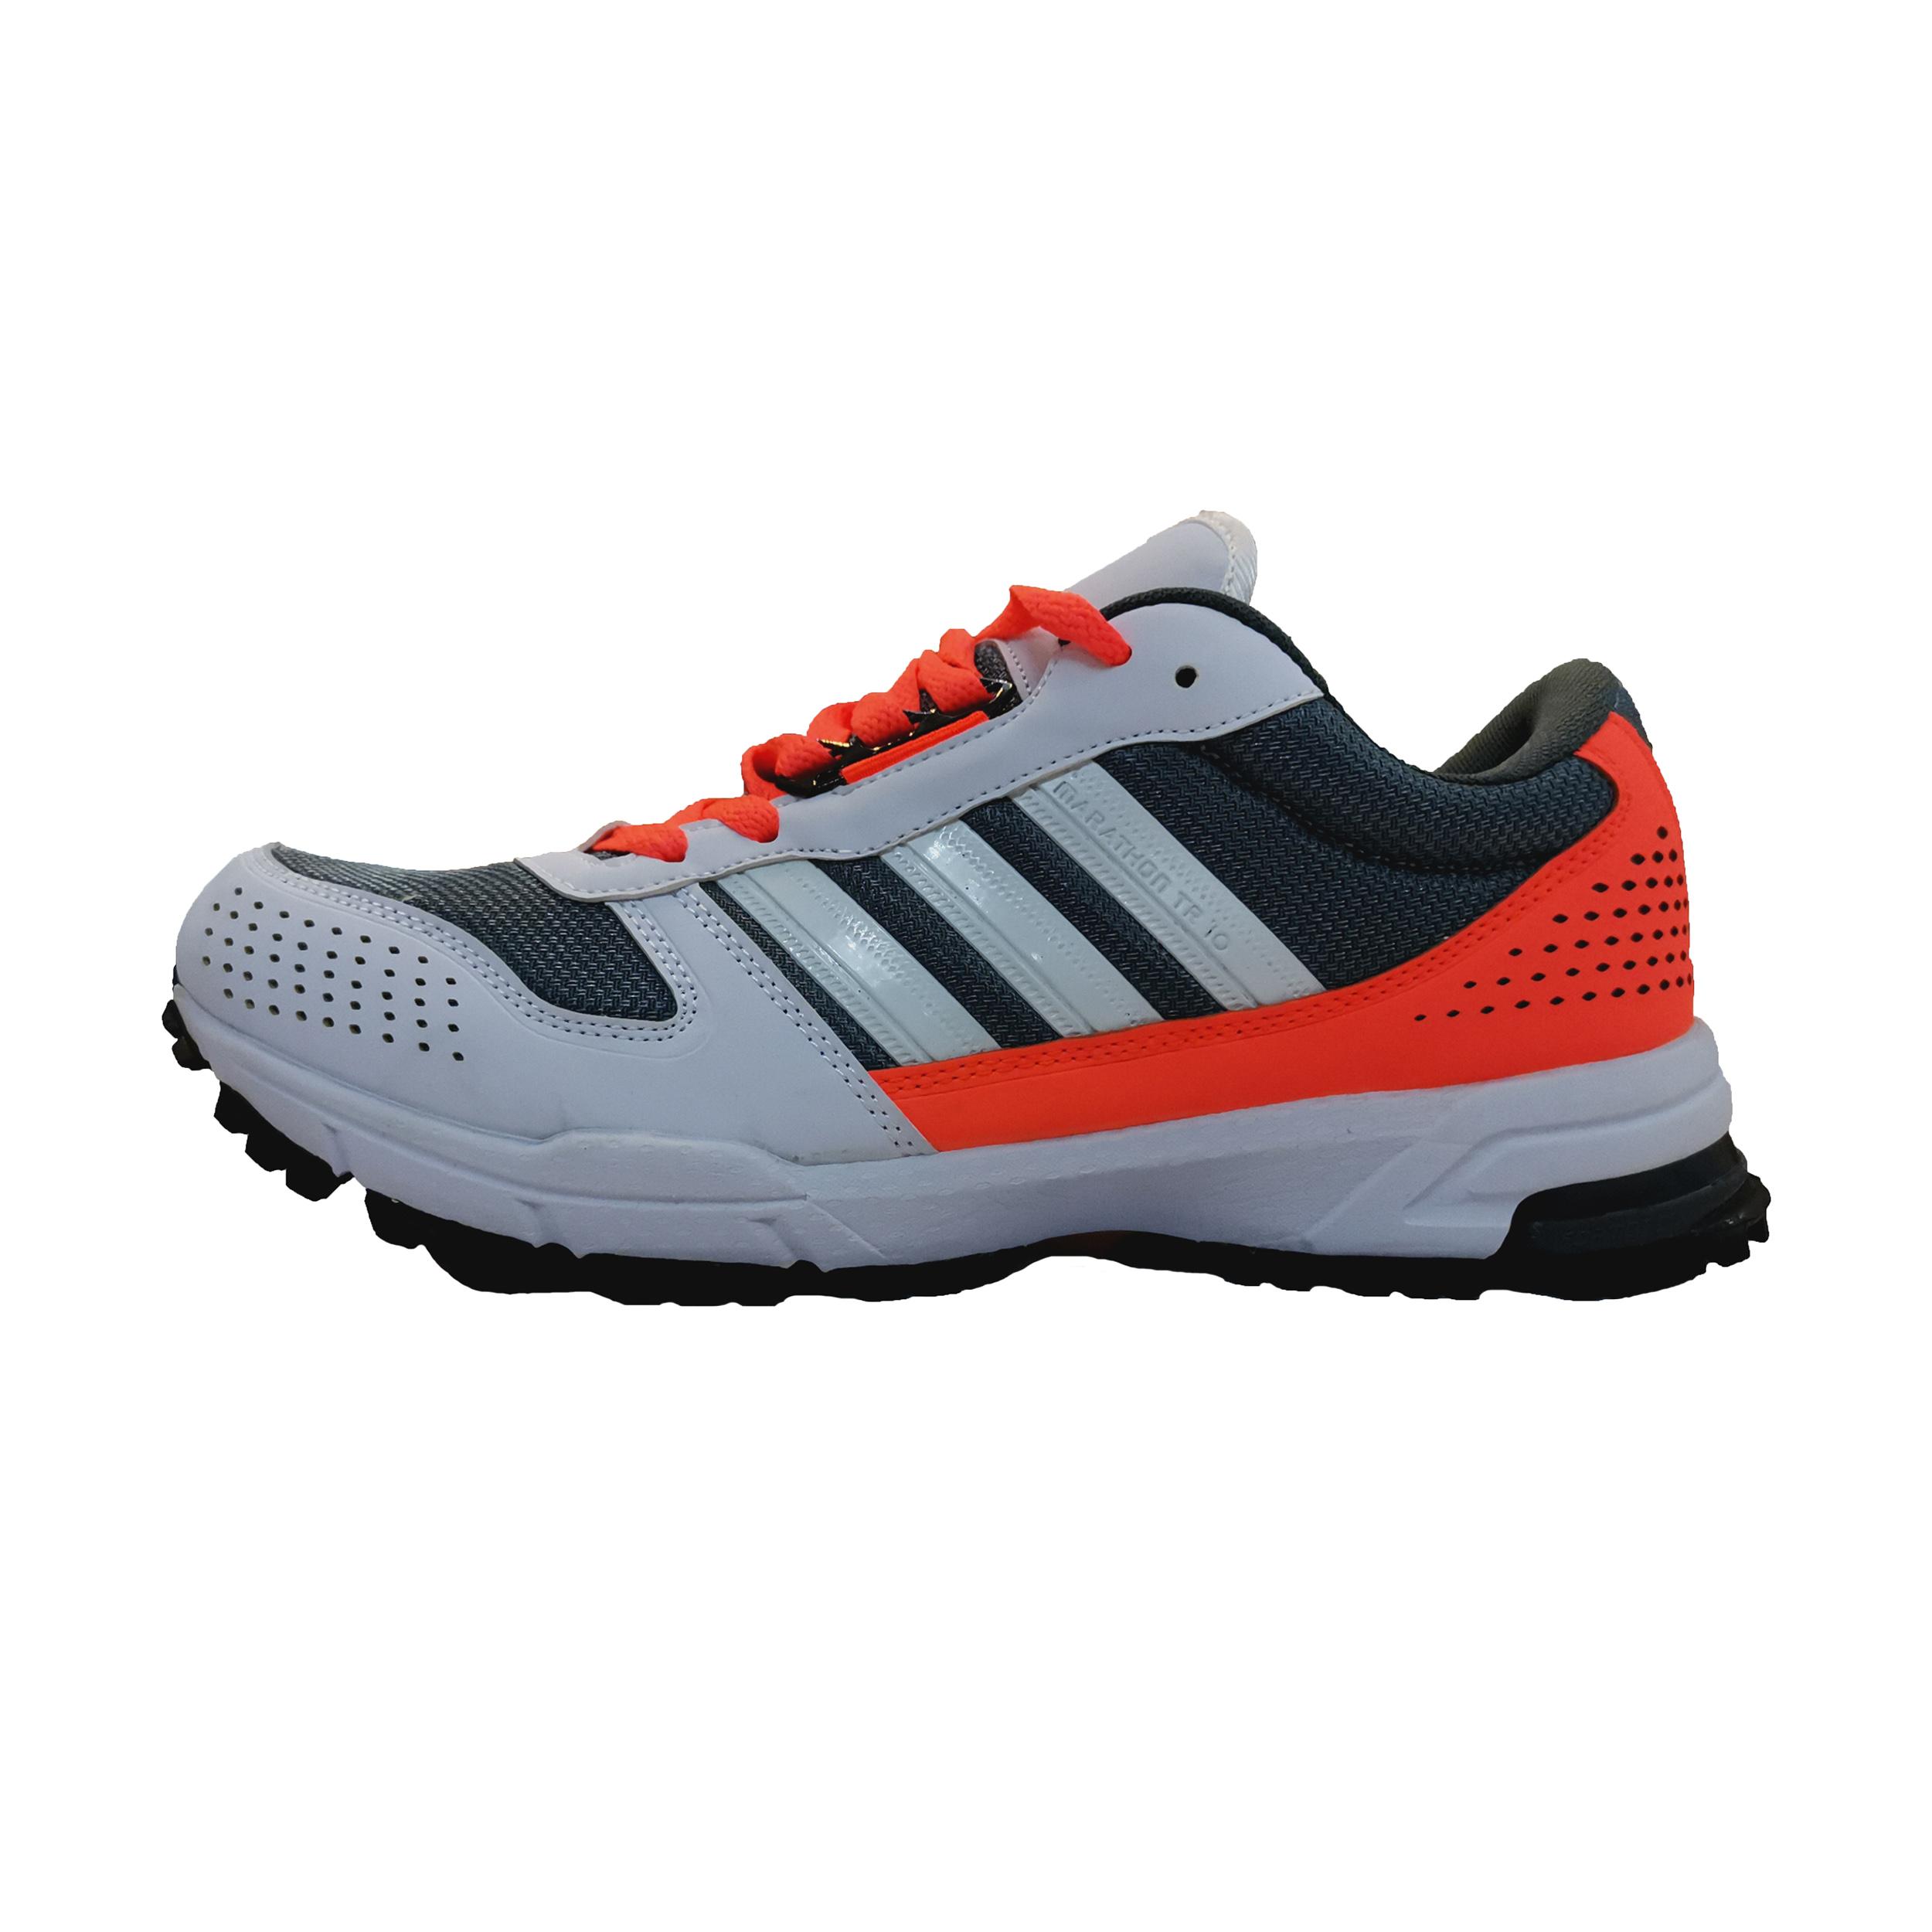 کفش مخصوص دویدن مردانه آدیداس مدل ماراتون کد SN             , خرید اینترنتی